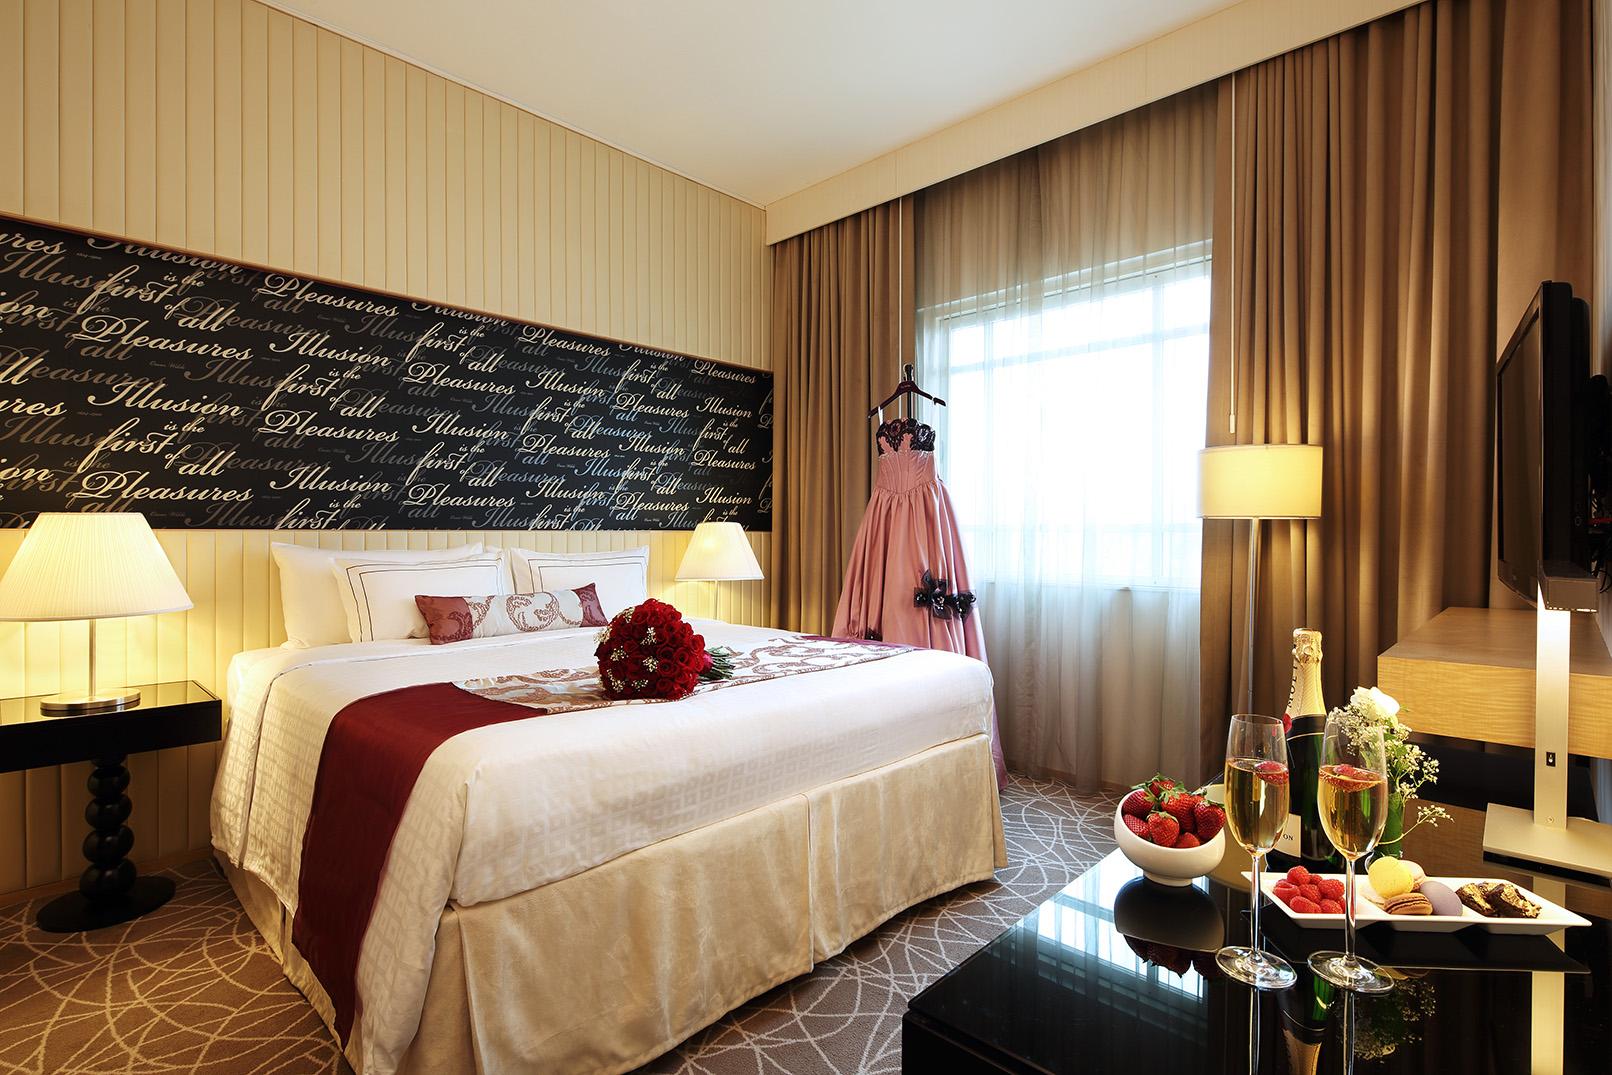 Bridal Suite by Rendezvous Hotel Singapore | Bridestory.com